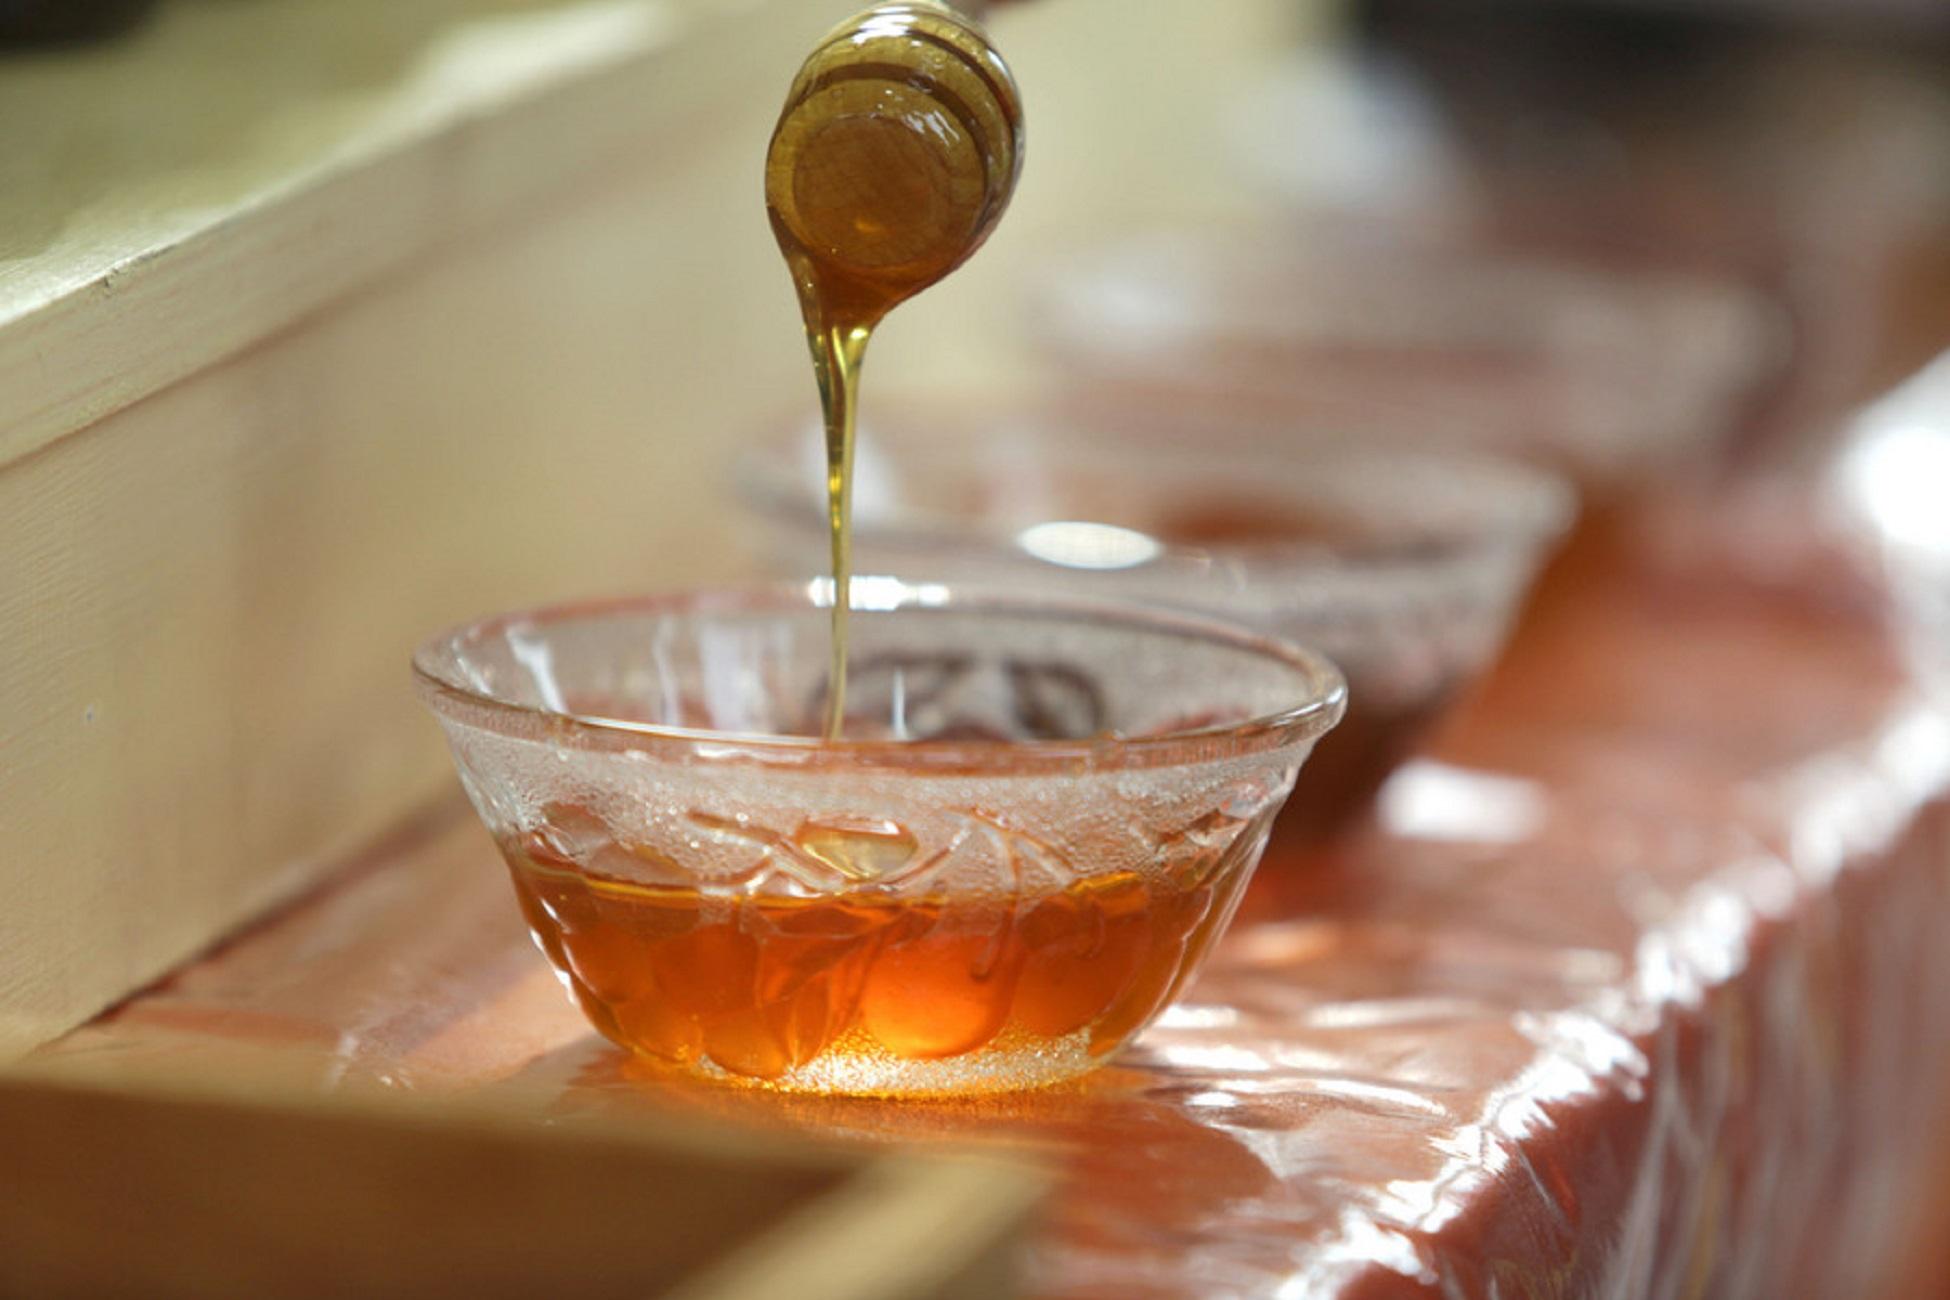 Ανακοίνωση ΣΕΤΣΕΜ για το μέλι που απέσυρε ο ΕΦΕΤ: «Δεν ευθύνεται η εταιρία»